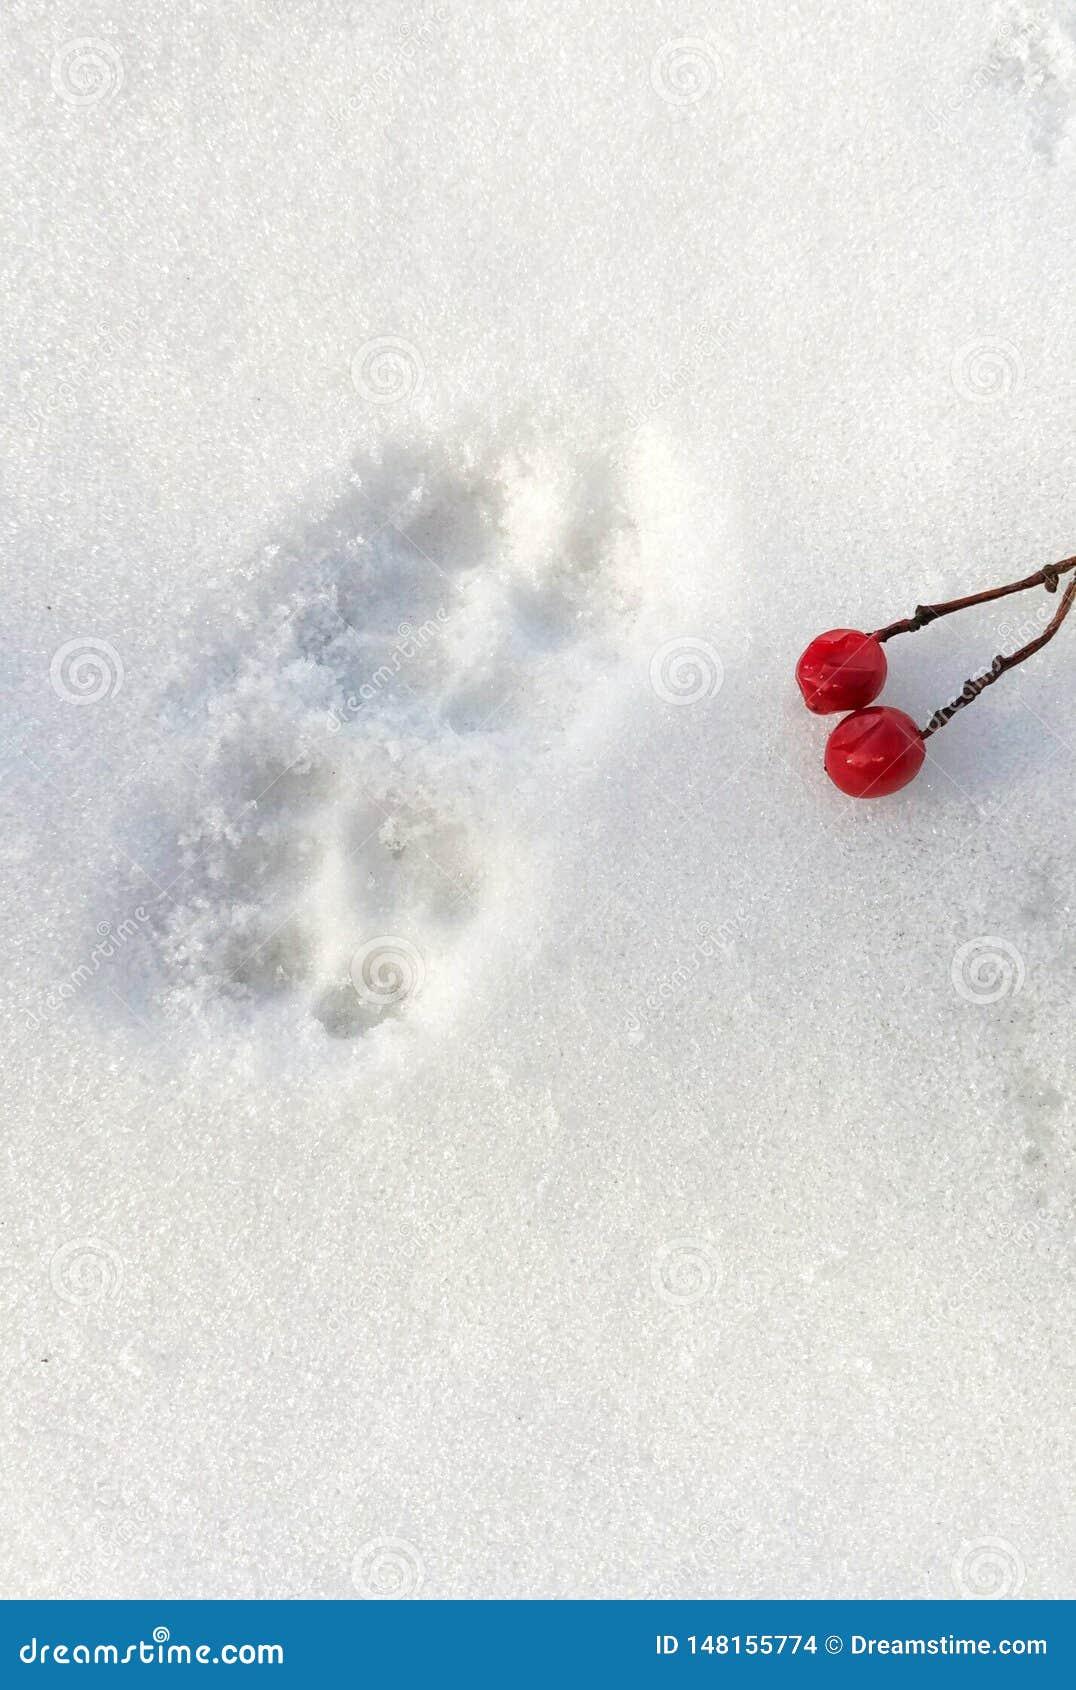 Rastros de patas de un gato y de bayas del viburnum